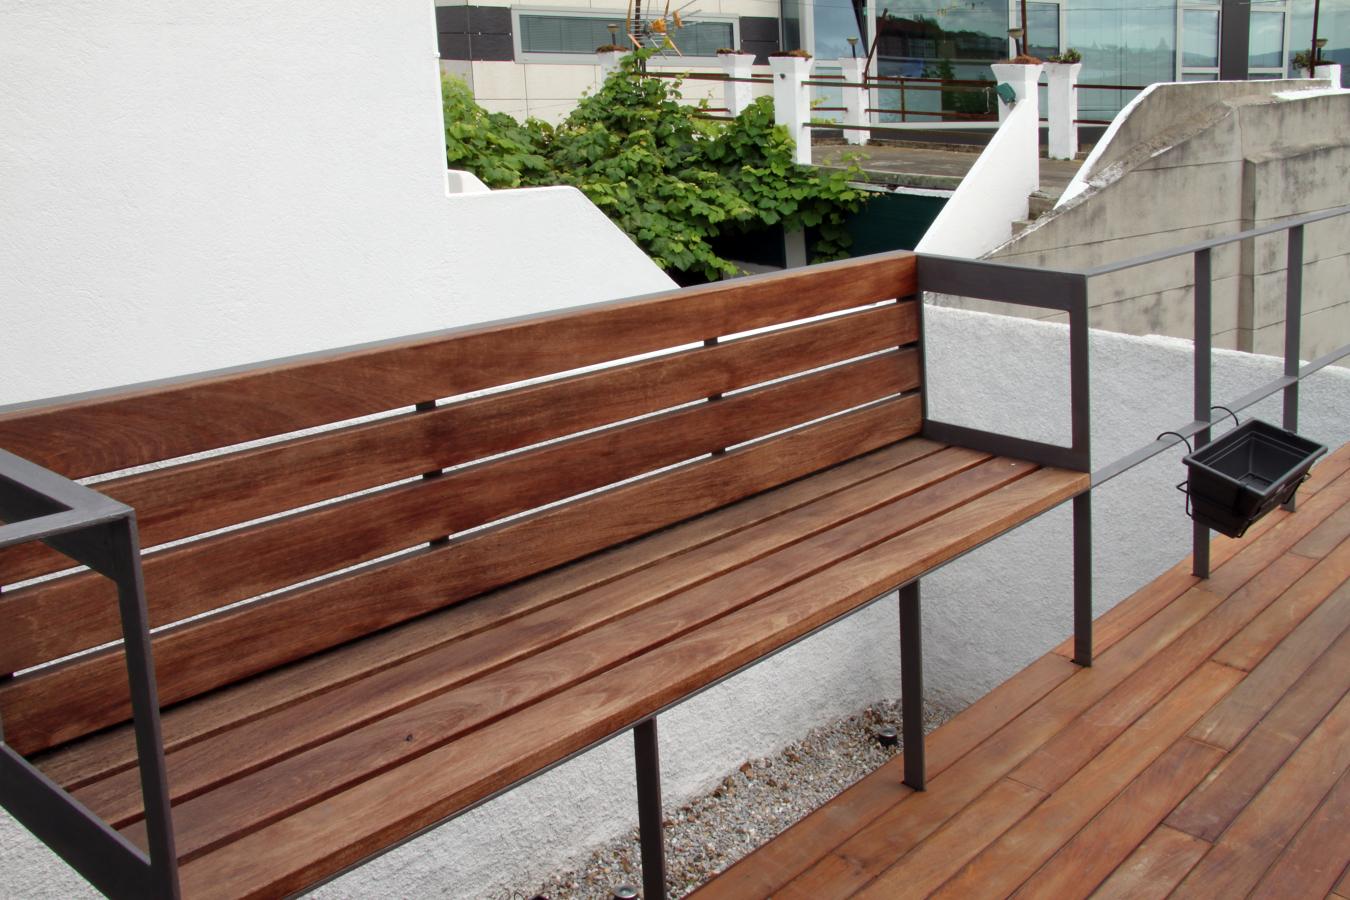 Foto banco barandilla terraza de dedaloarquitectos for Bancos para terrazas pequenas